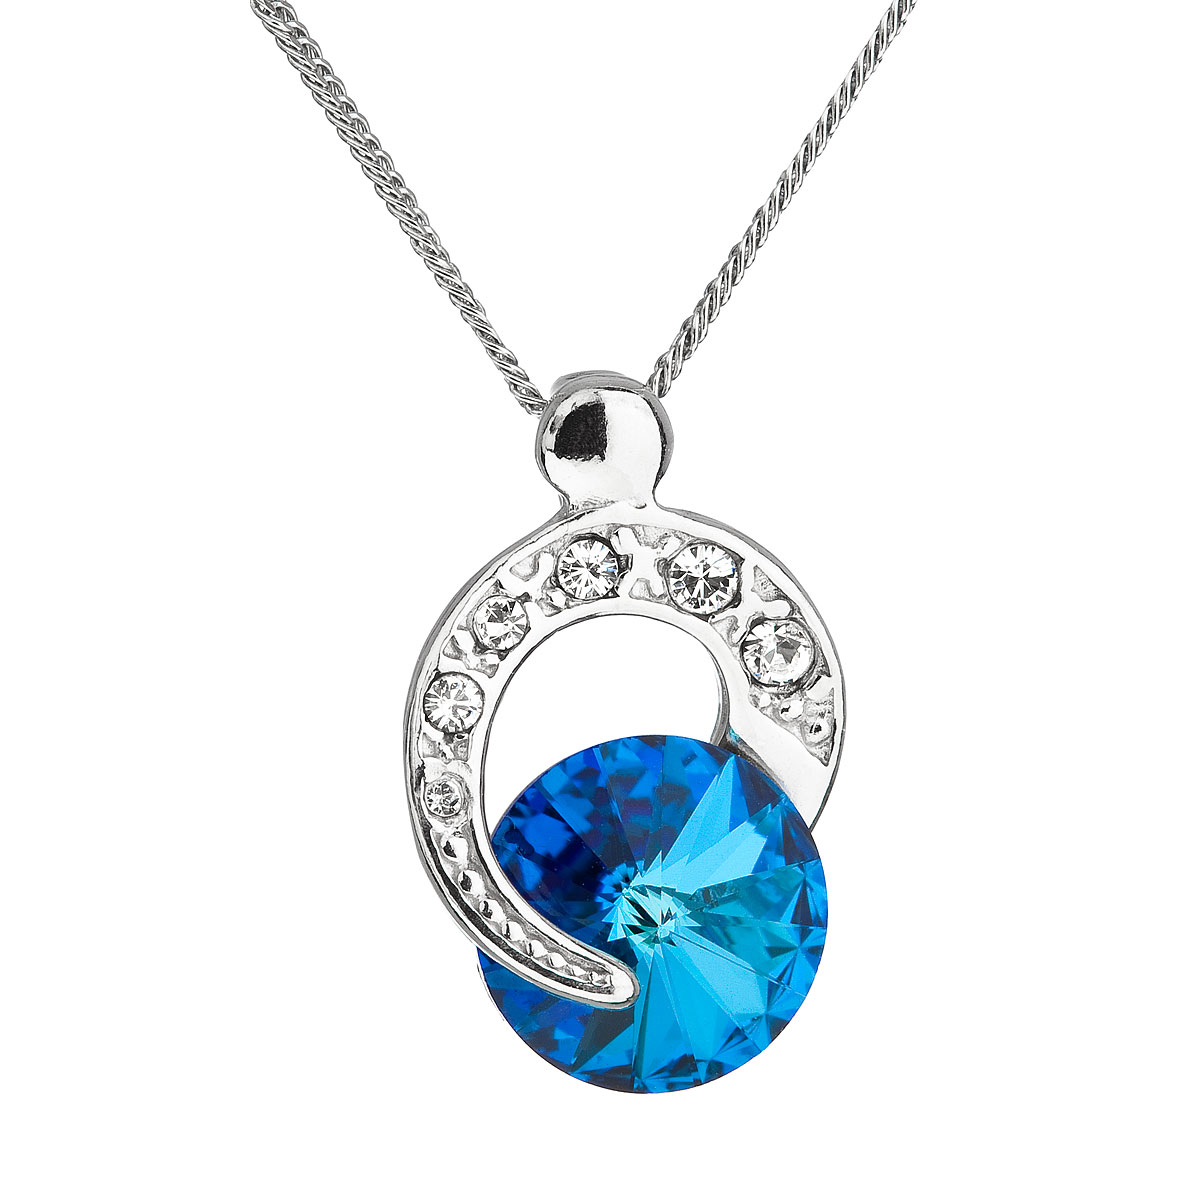 Evolution Group Stříbrný náhrdelník s krystalem Swarovski modrý kulatý 32048.5